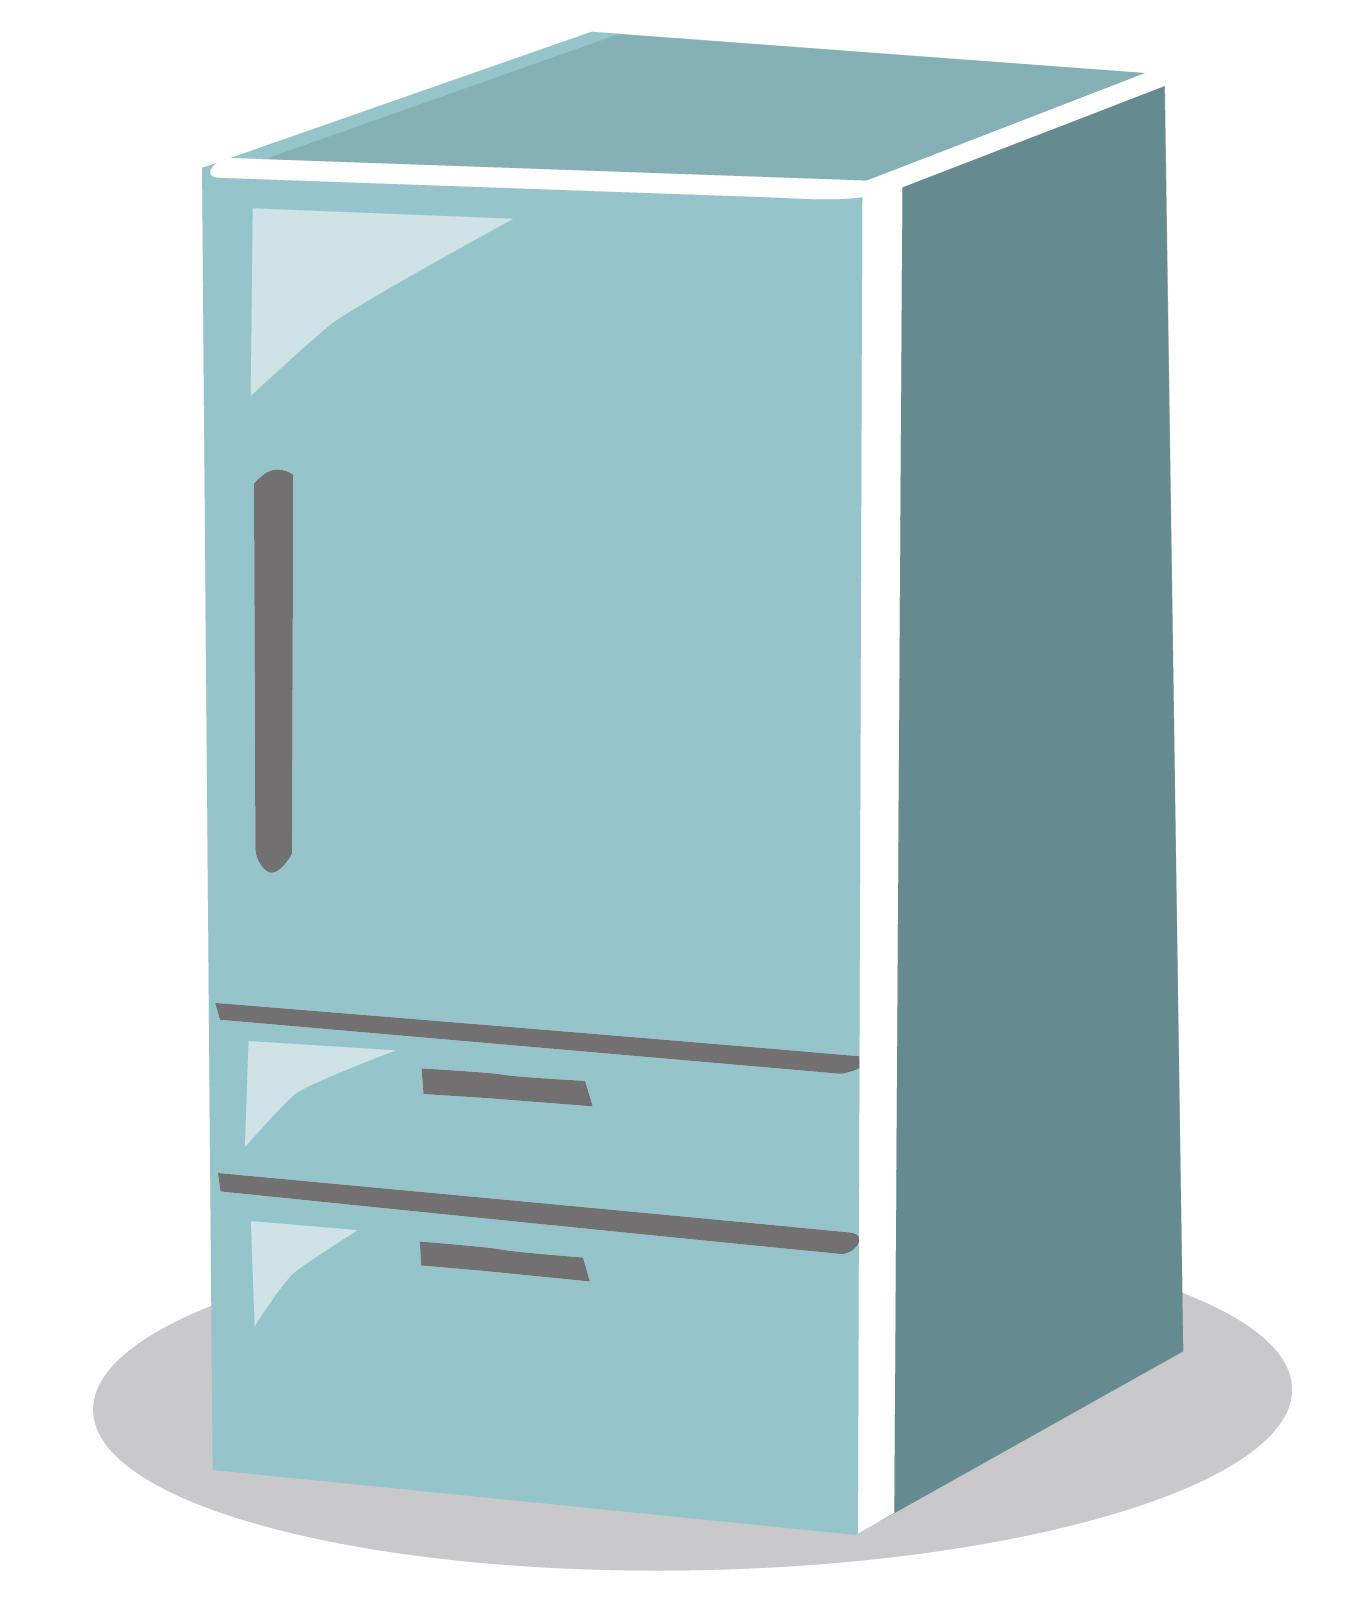 冷凍庫のイメージ画像2